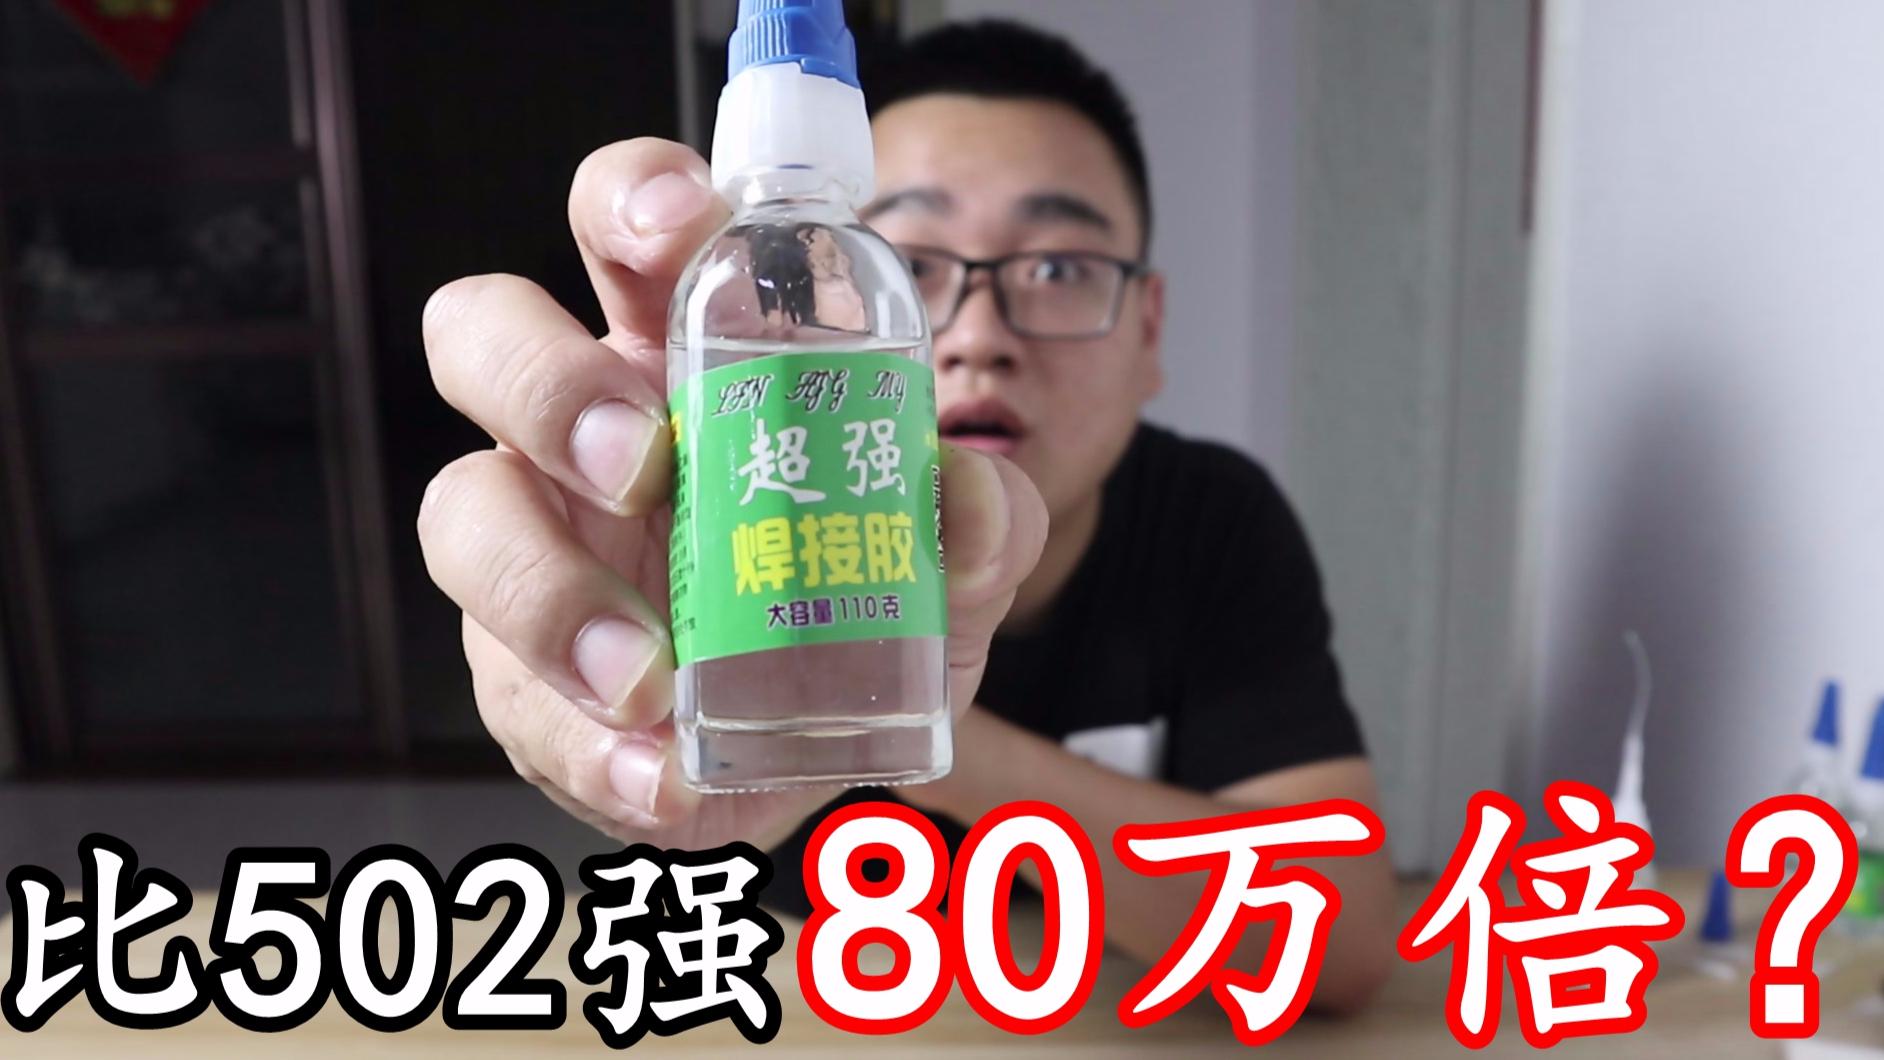 拼多多上号称比502强80万倍的超强胶水,真的能粘住一切吗?